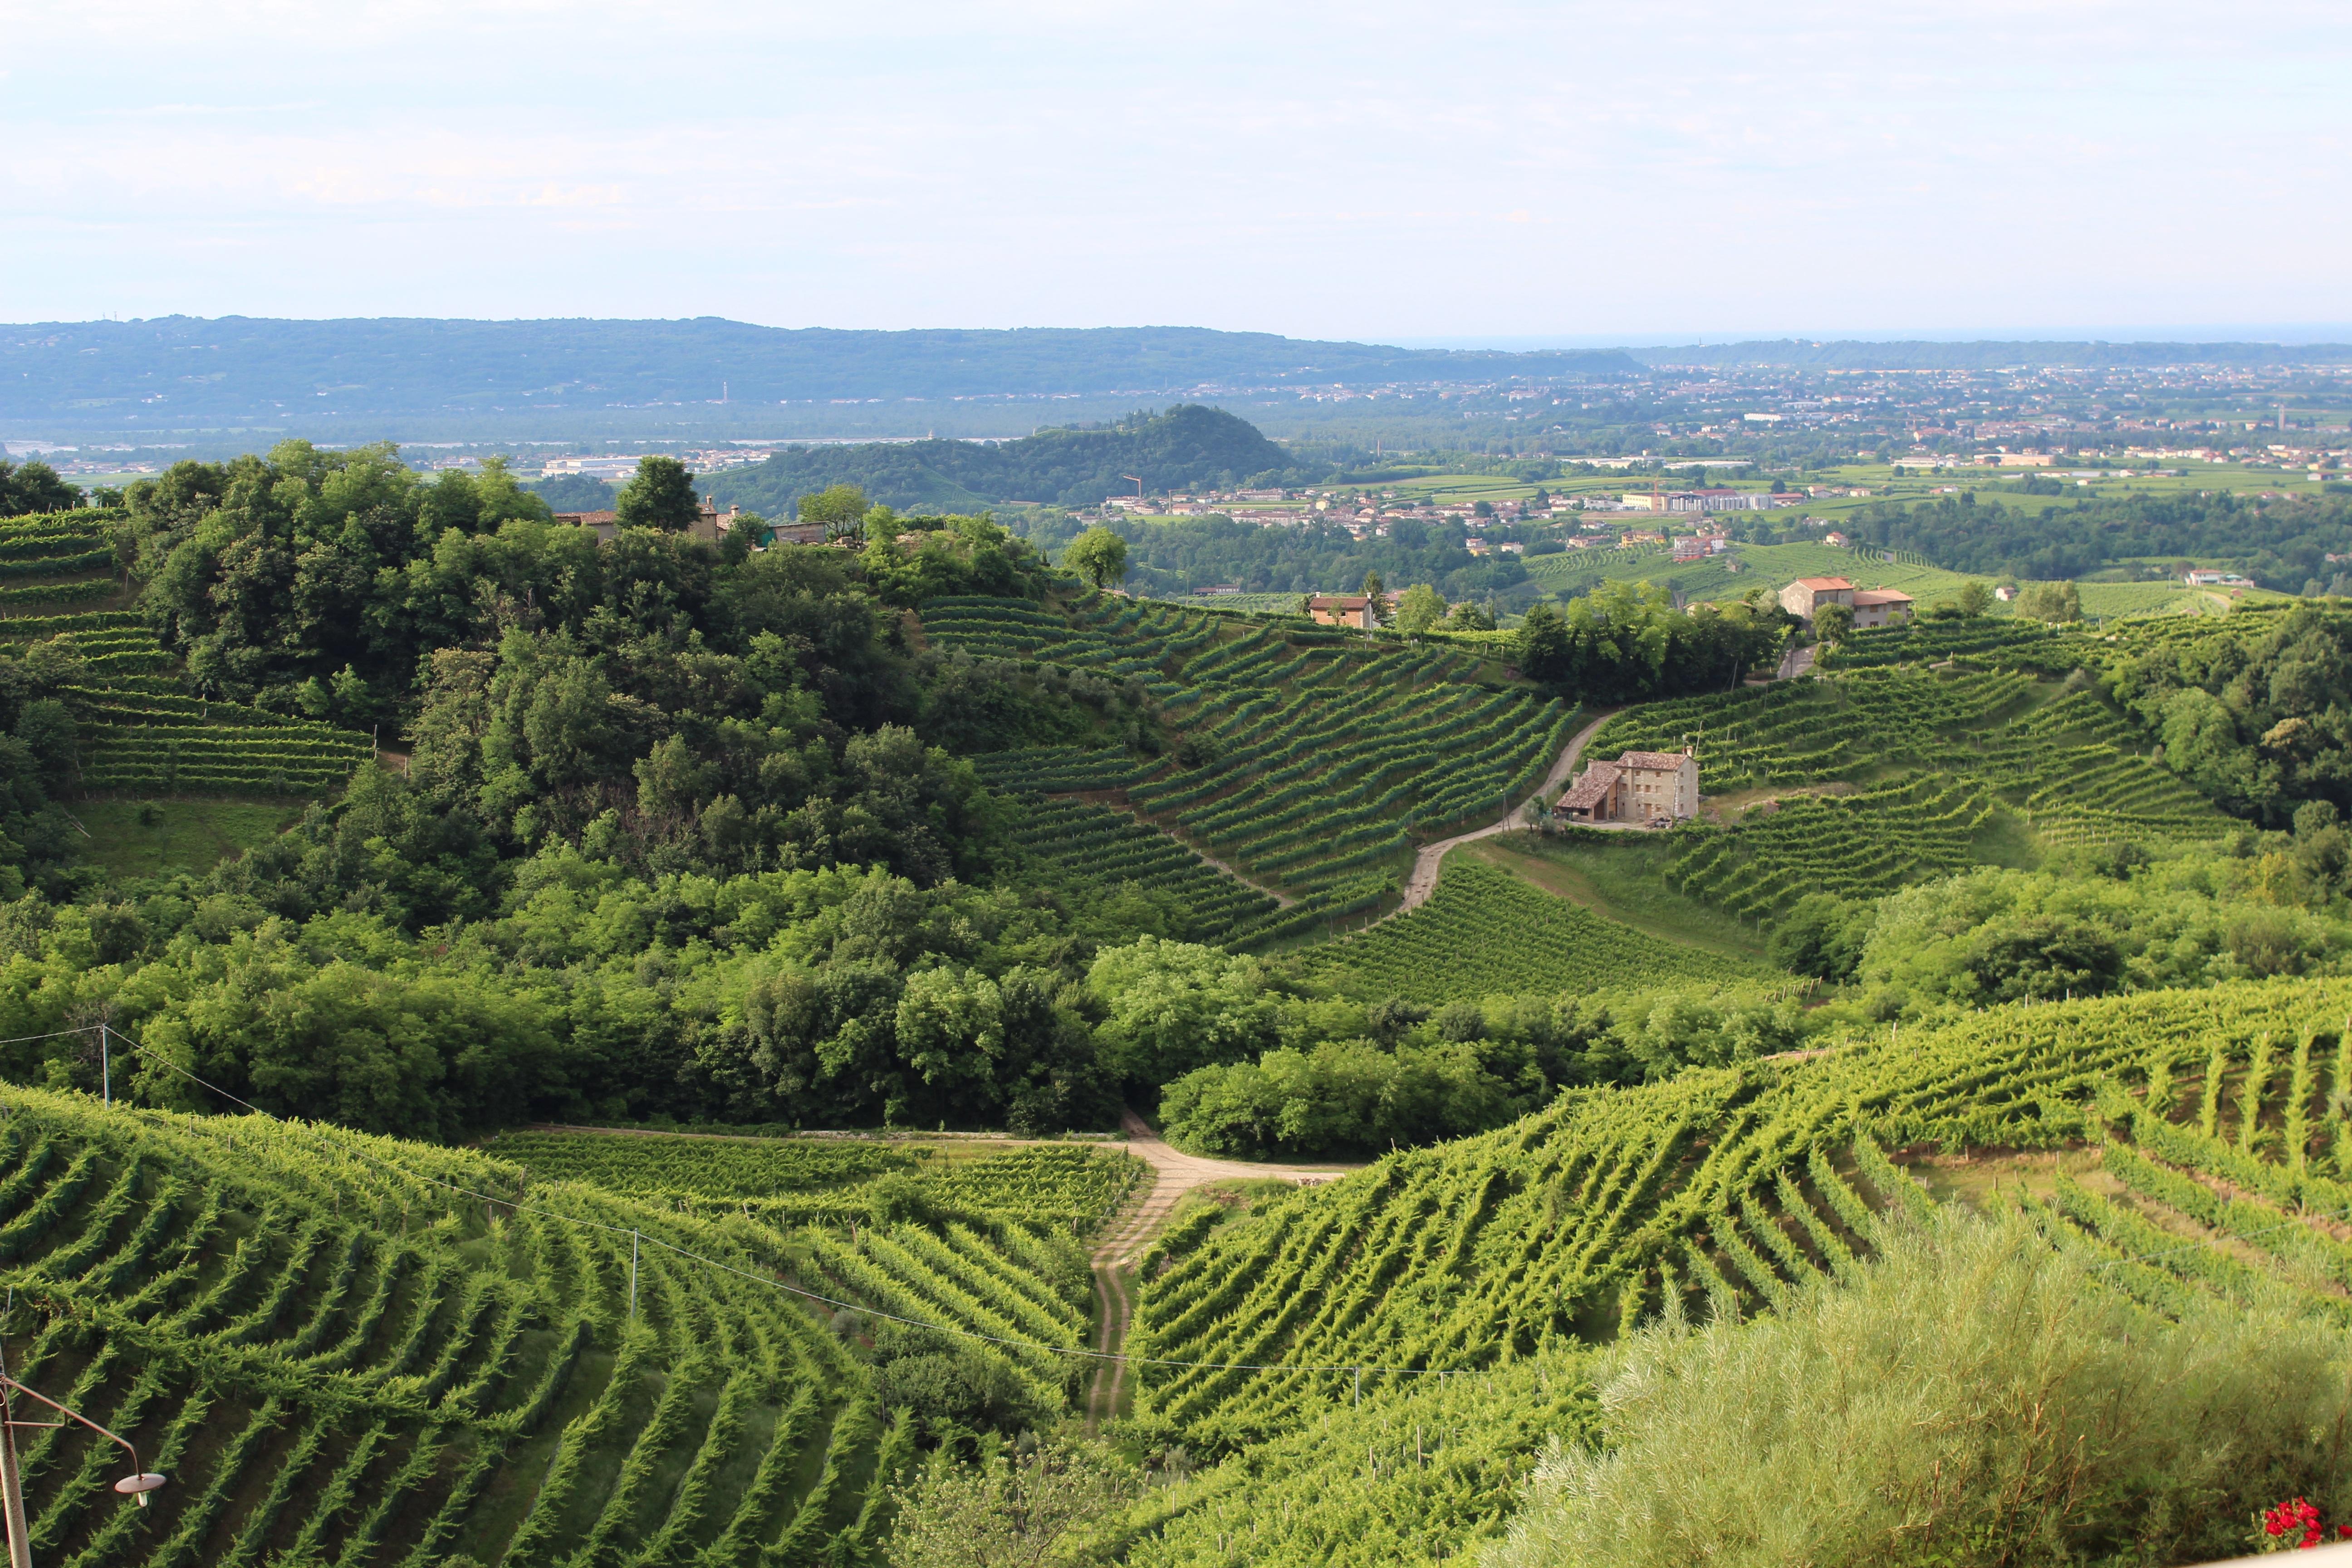 время итальянские виноградники фото страдает аутизмом